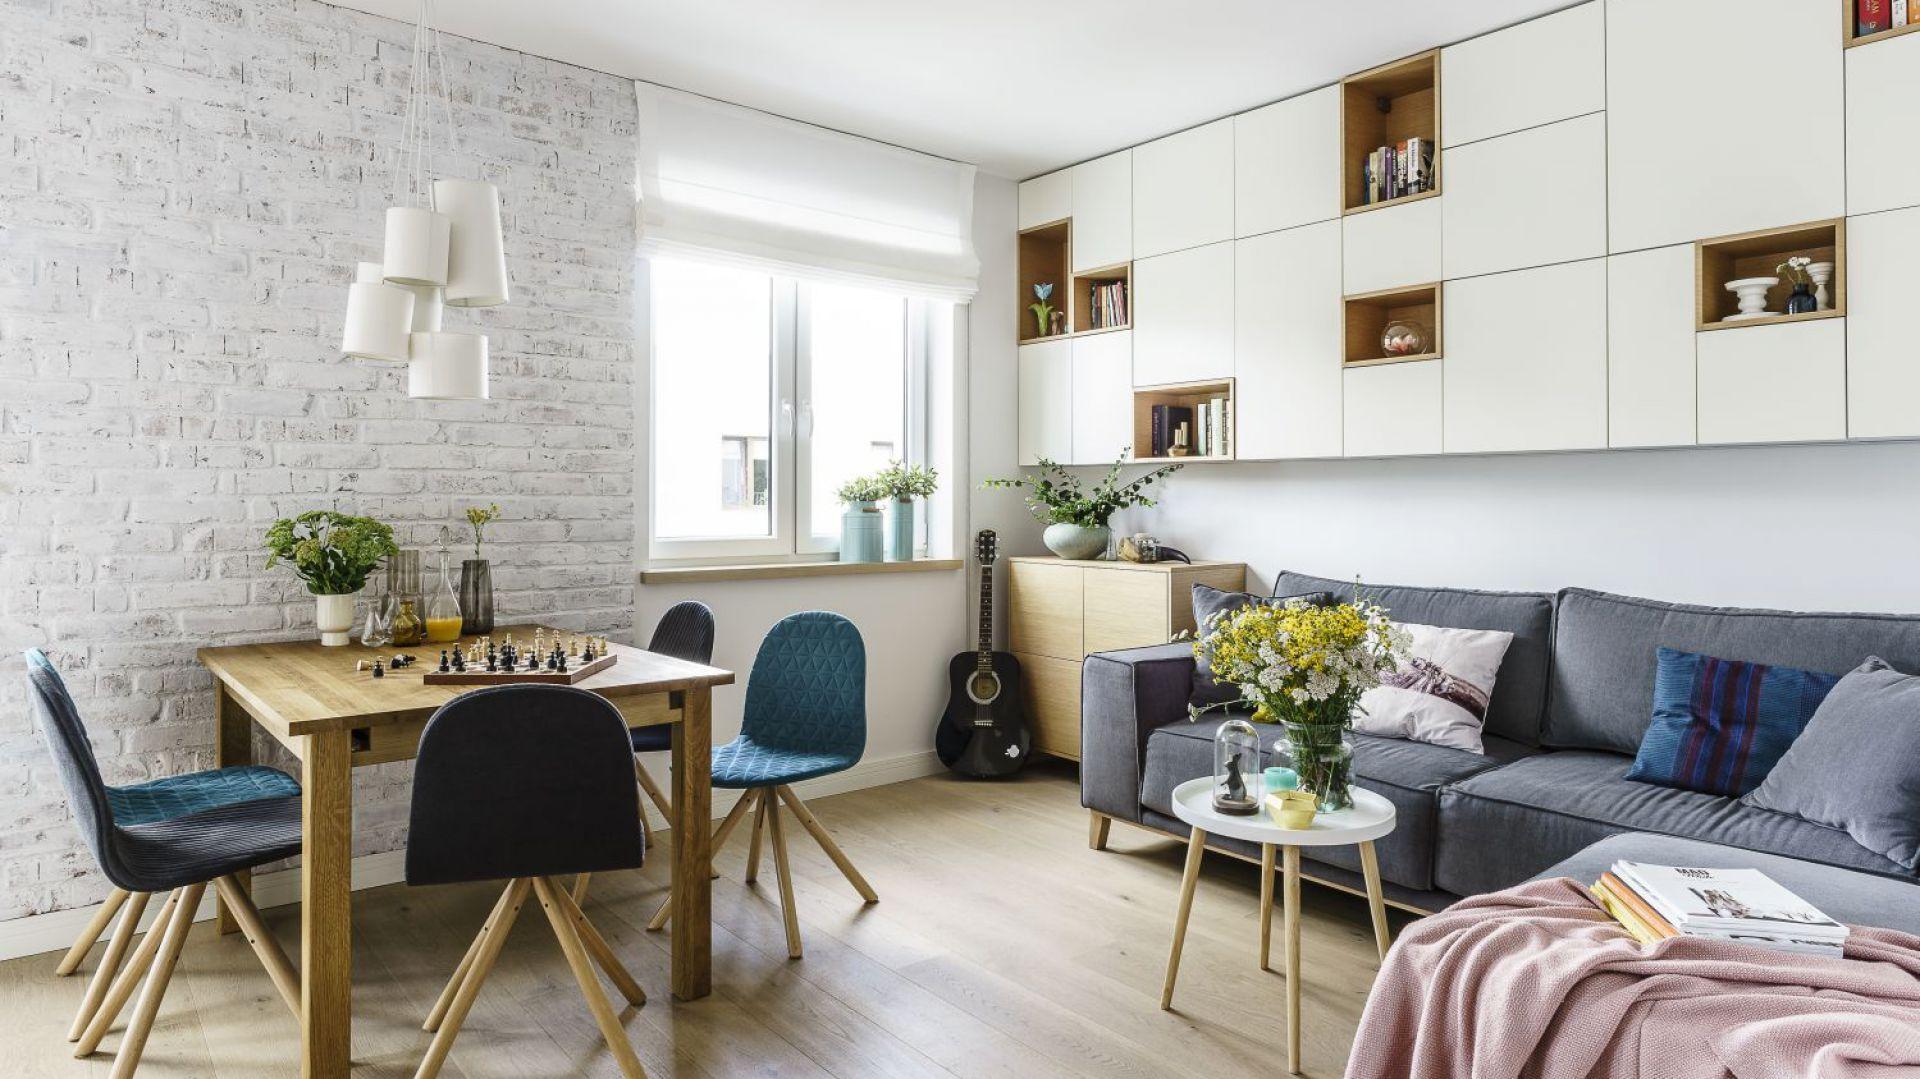 Nowoczesne, jasne mieszkanie - zobacz piękny projekt